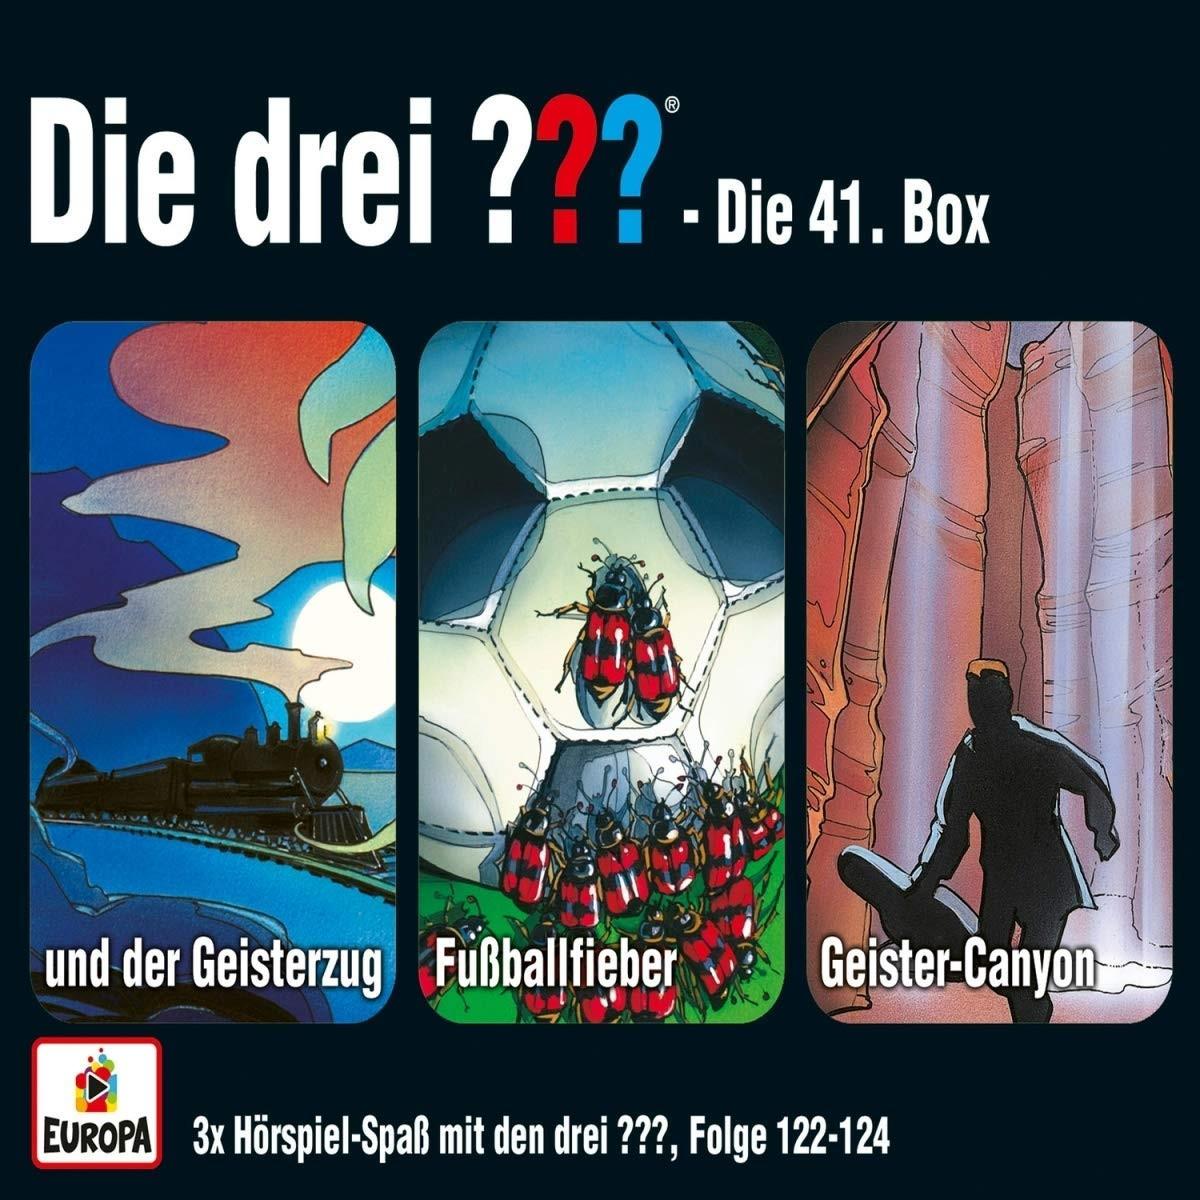 Die drei ??? Fragezeichen - Die 41. Box (Folgen 122, 123, 124)